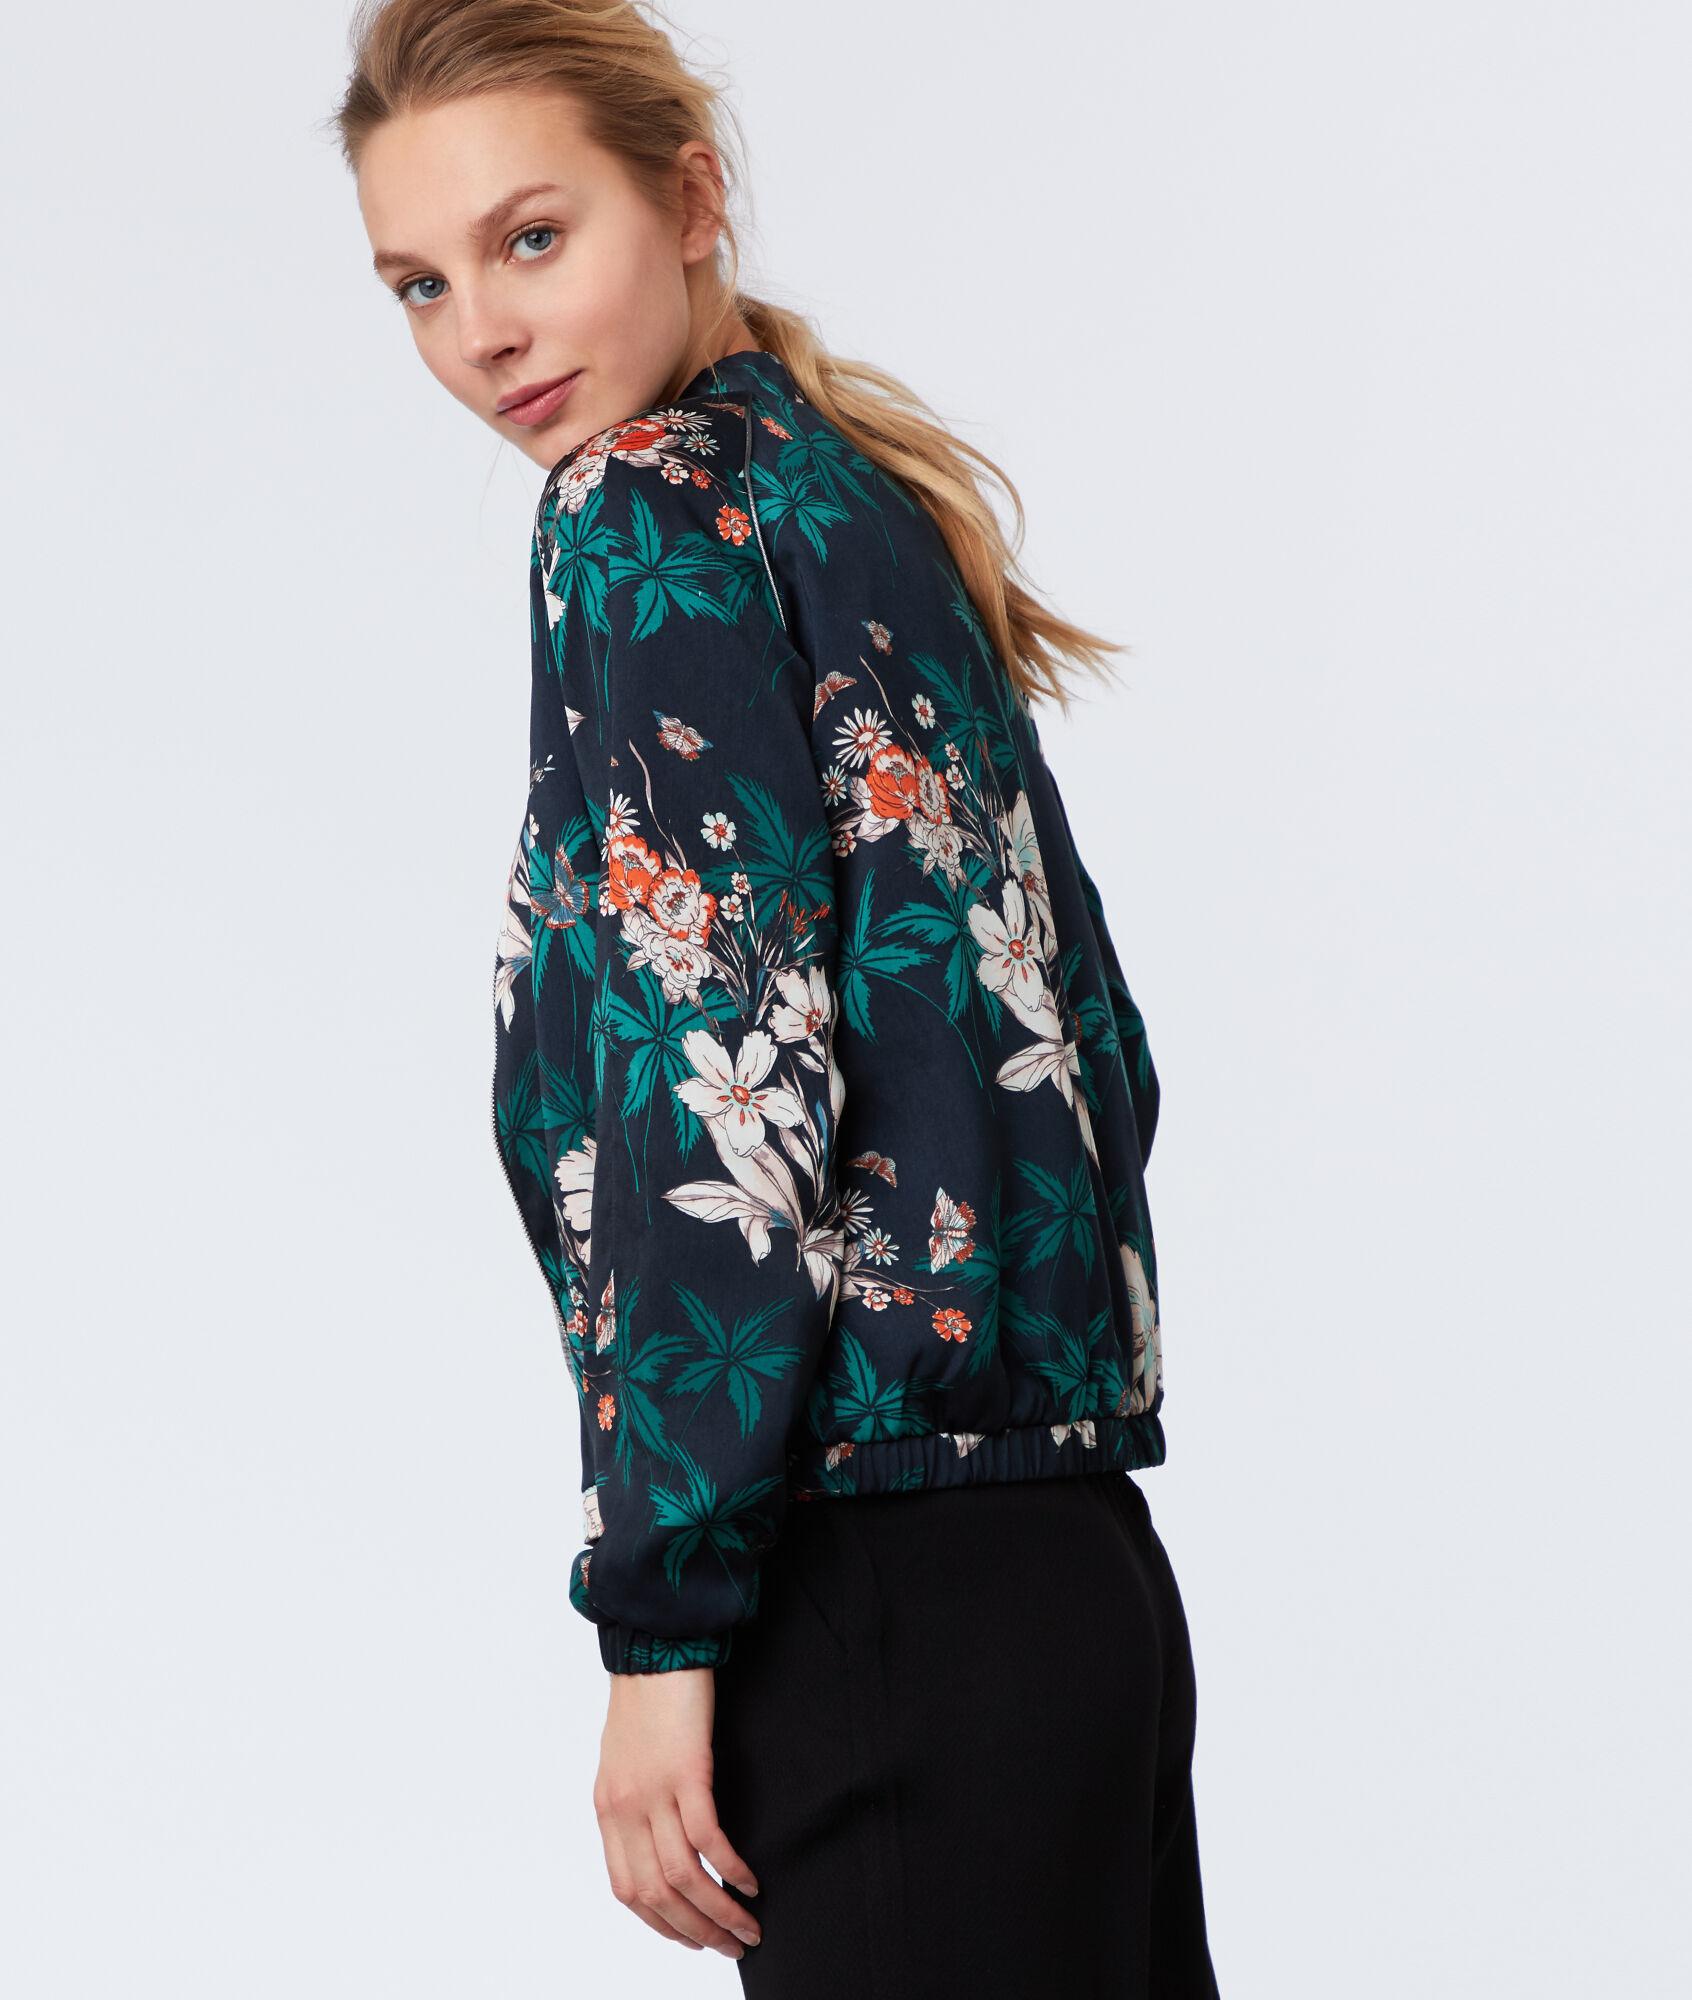 plus bas rabais beaucoup de choix de les ventes en gros Veste noir femme etam – Modèles coûteux de vestes